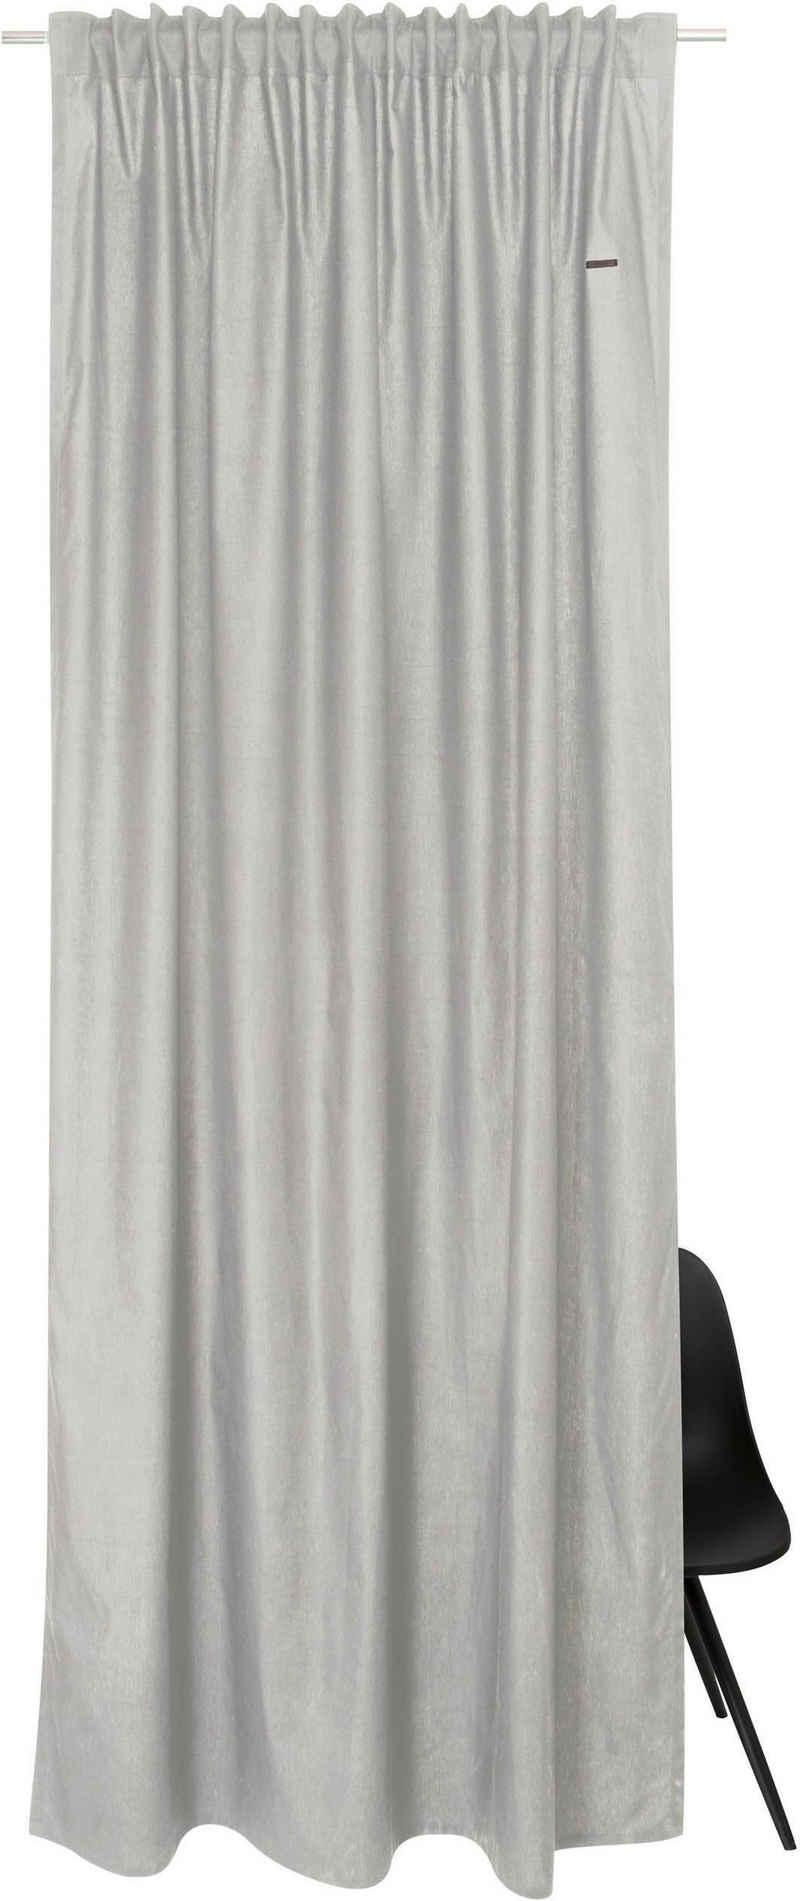 Vorhang »Neo«, Esprit, verdeckte Schlaufen (1 Stück), aus nachhaltiger Baumwolle